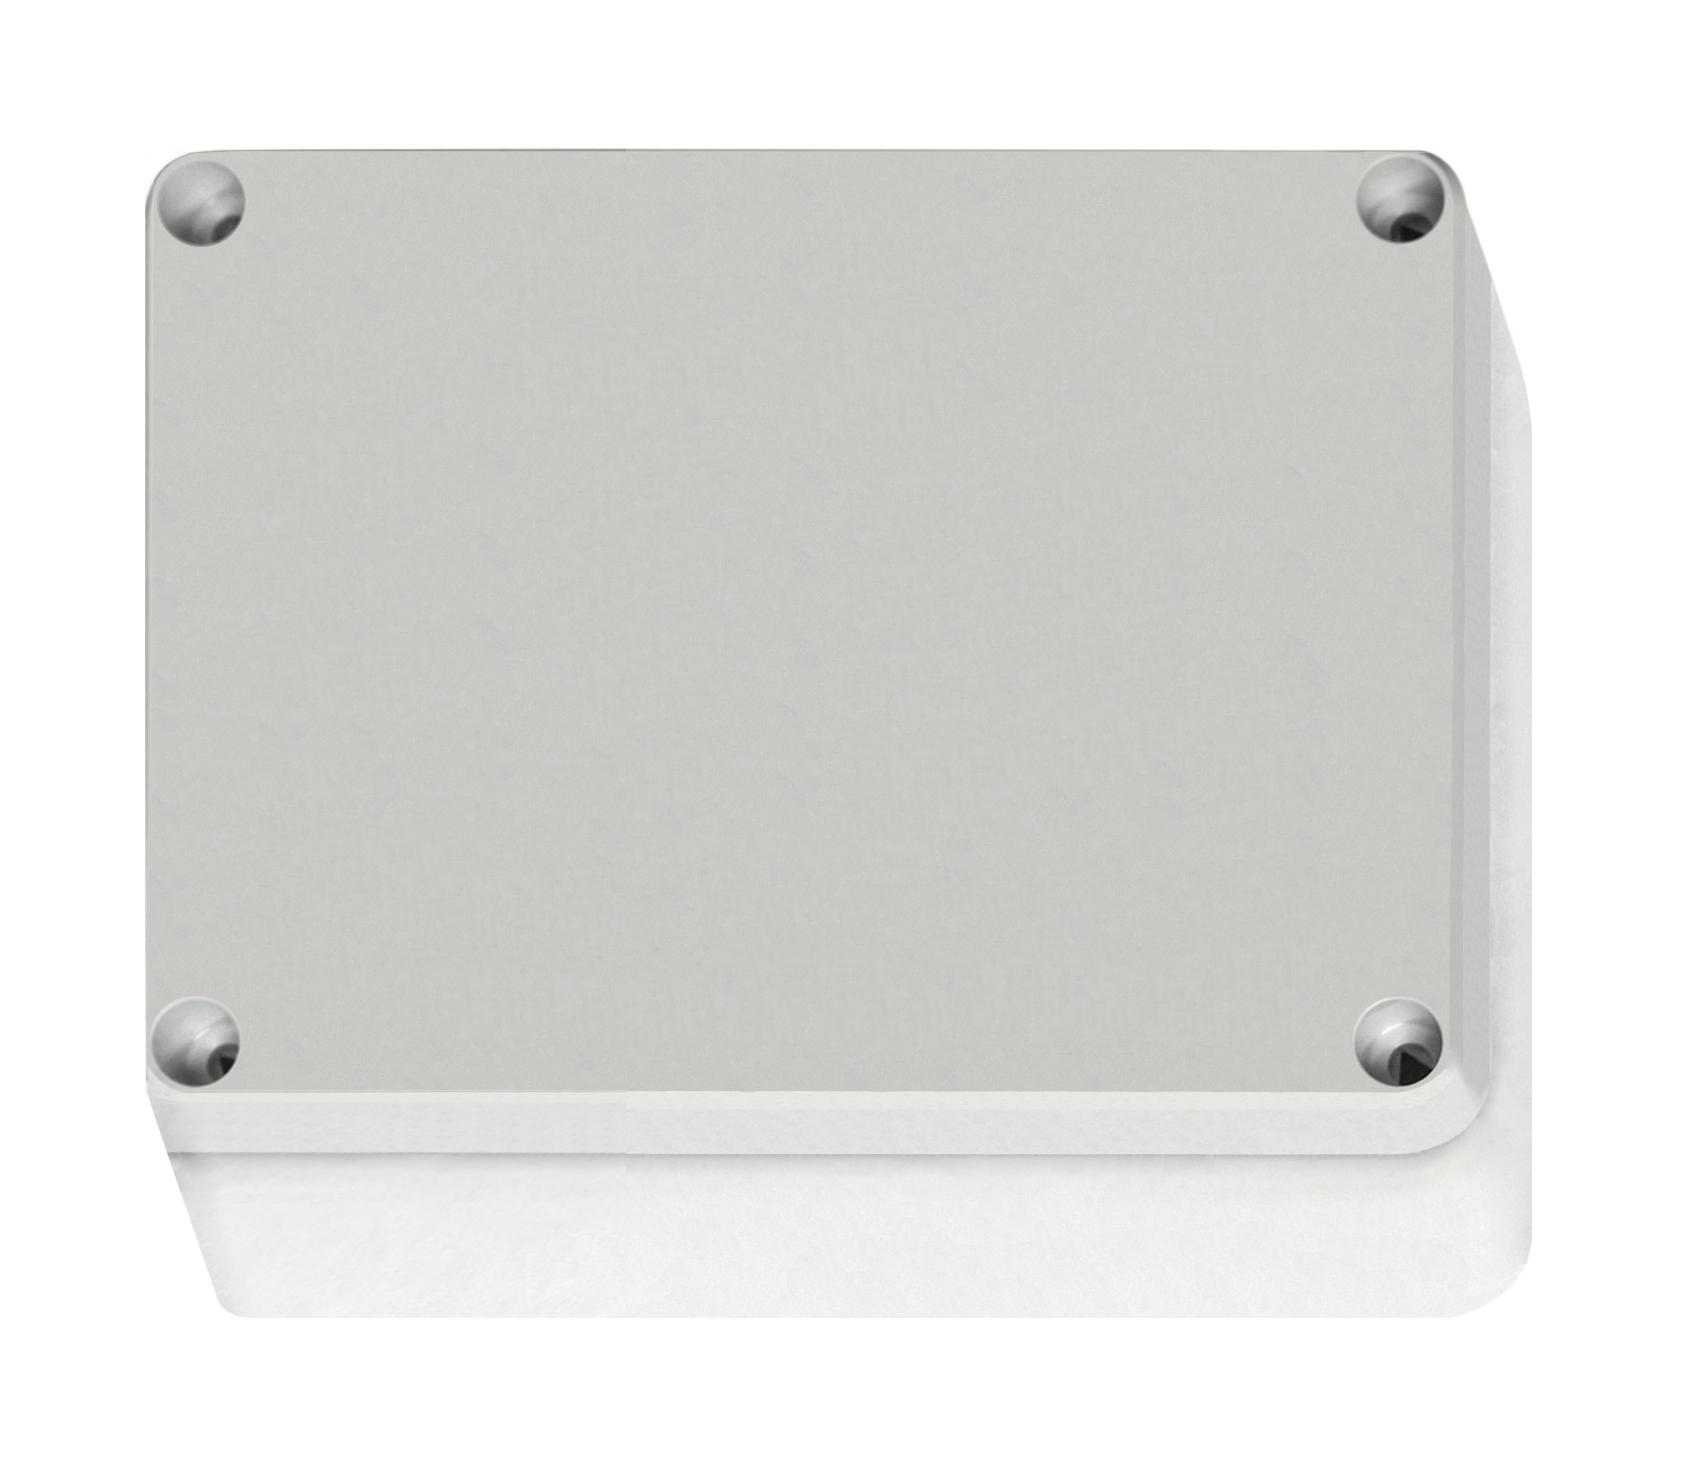 1 Stk ABS Gehäuse mit Deckel grau, 187x122x90mm, metrisch IG707024--